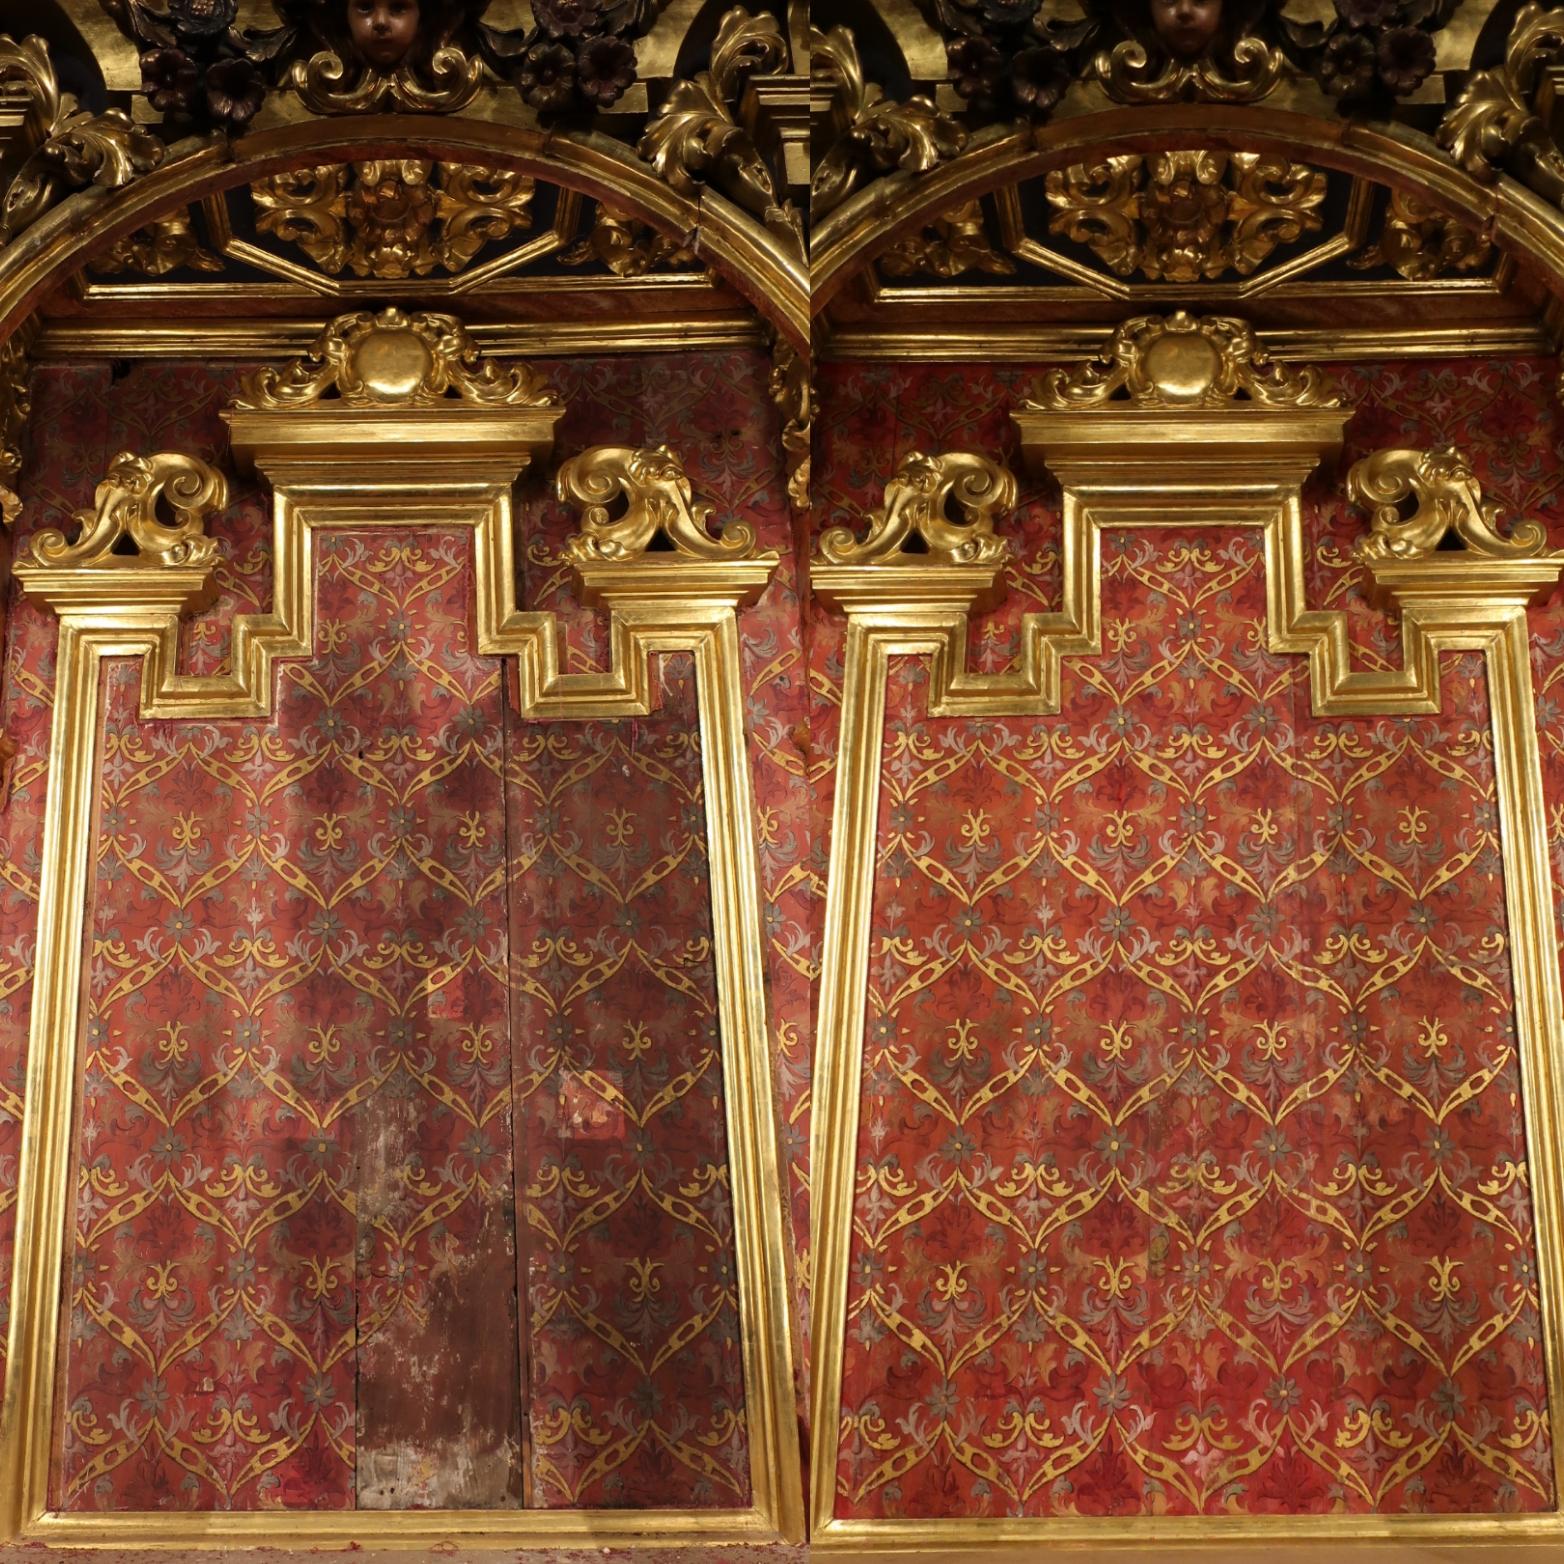 Recuperada la decoración pictórica original del camarín de la Virgen de Valme, datada en el primer tercio del siglo XVIII y que permanecía oculta desde 1950